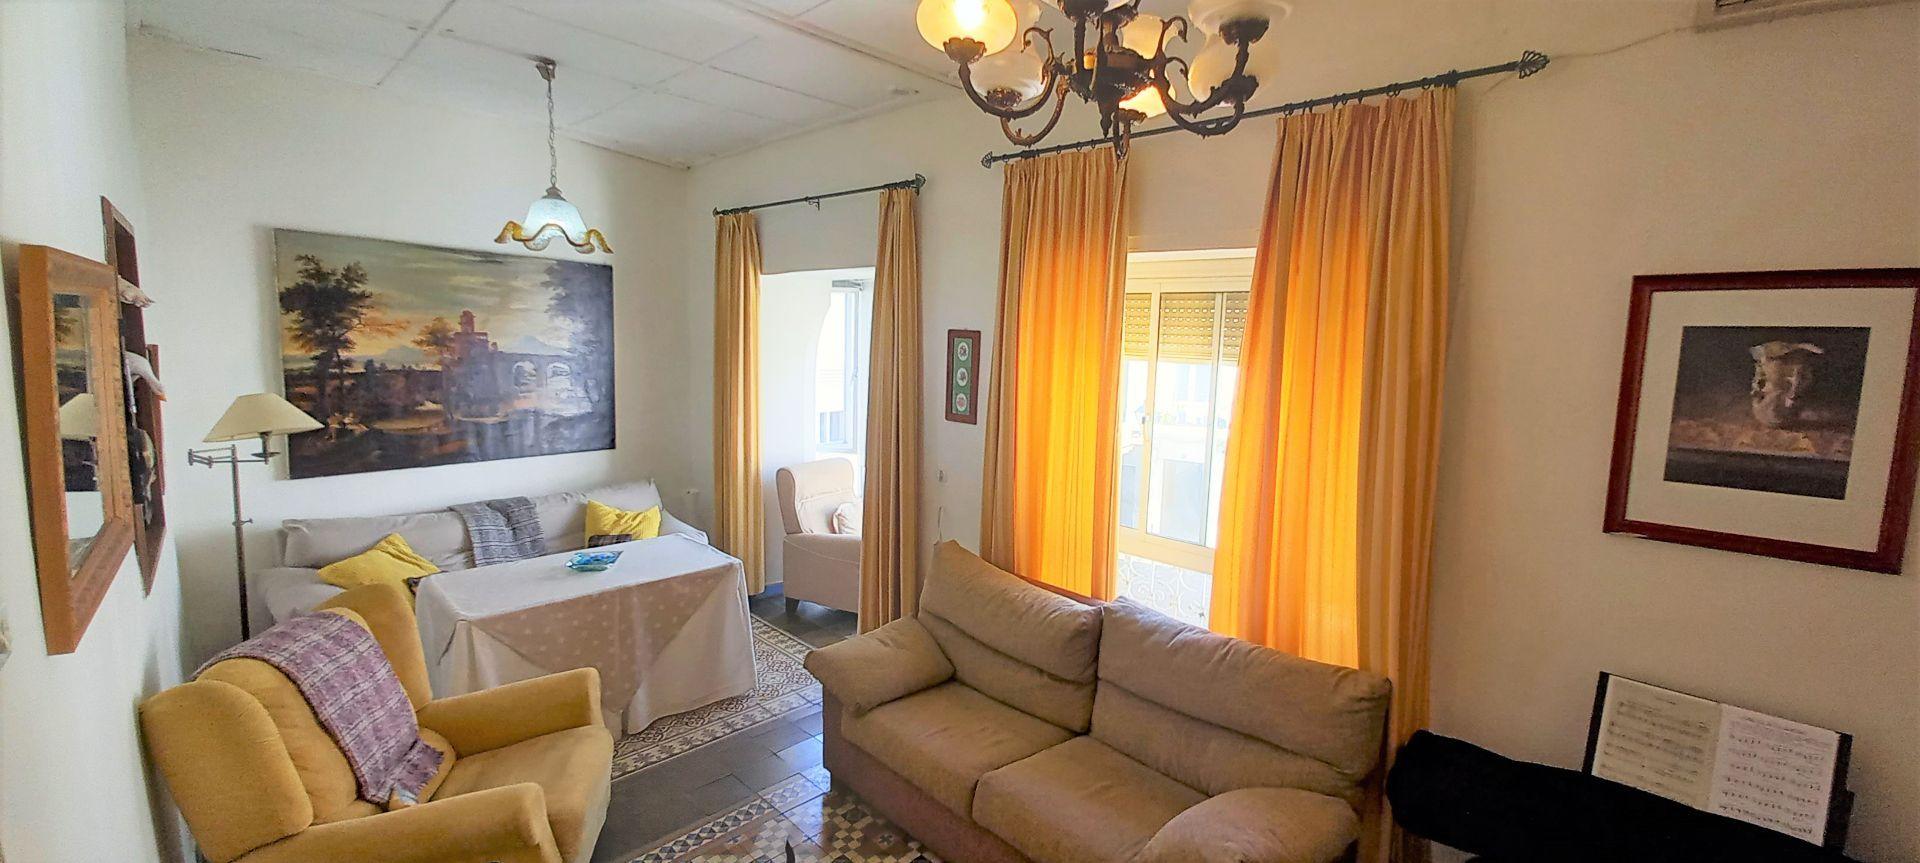 Casa adosada en Tarifa, Casco Historico, venta